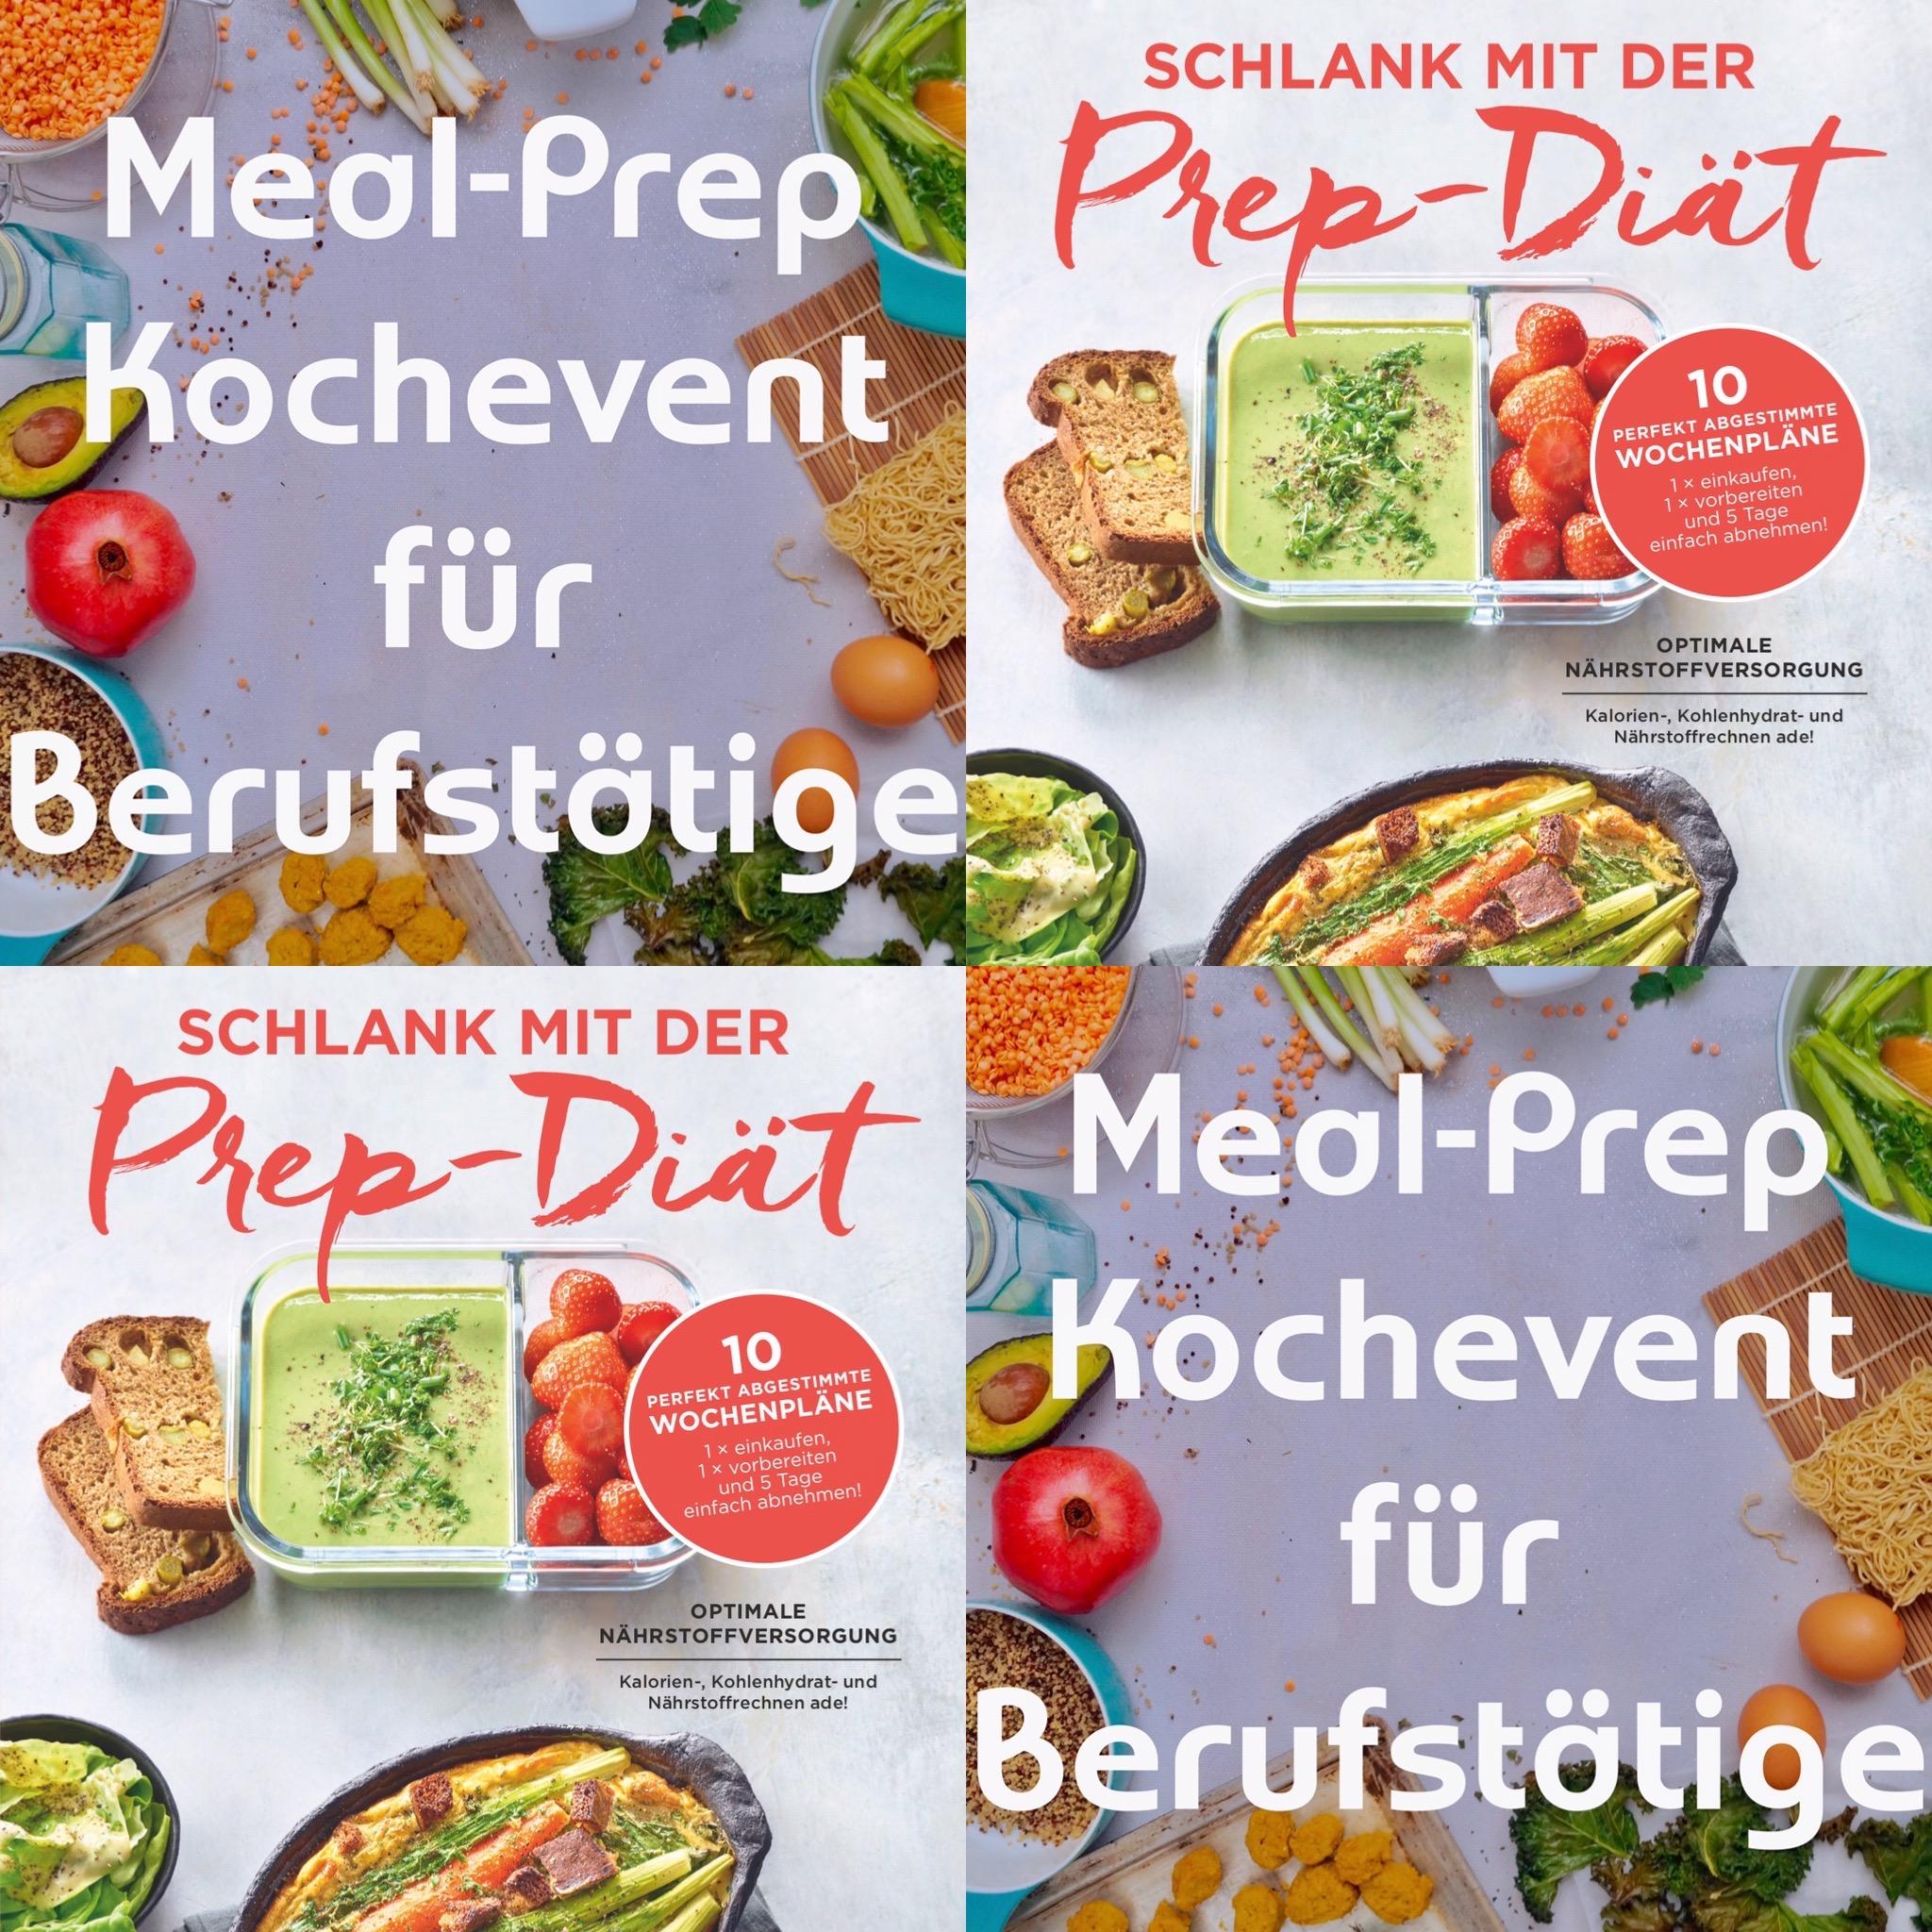 Hinweis Meal-Prep Kochevent für Berufstätige